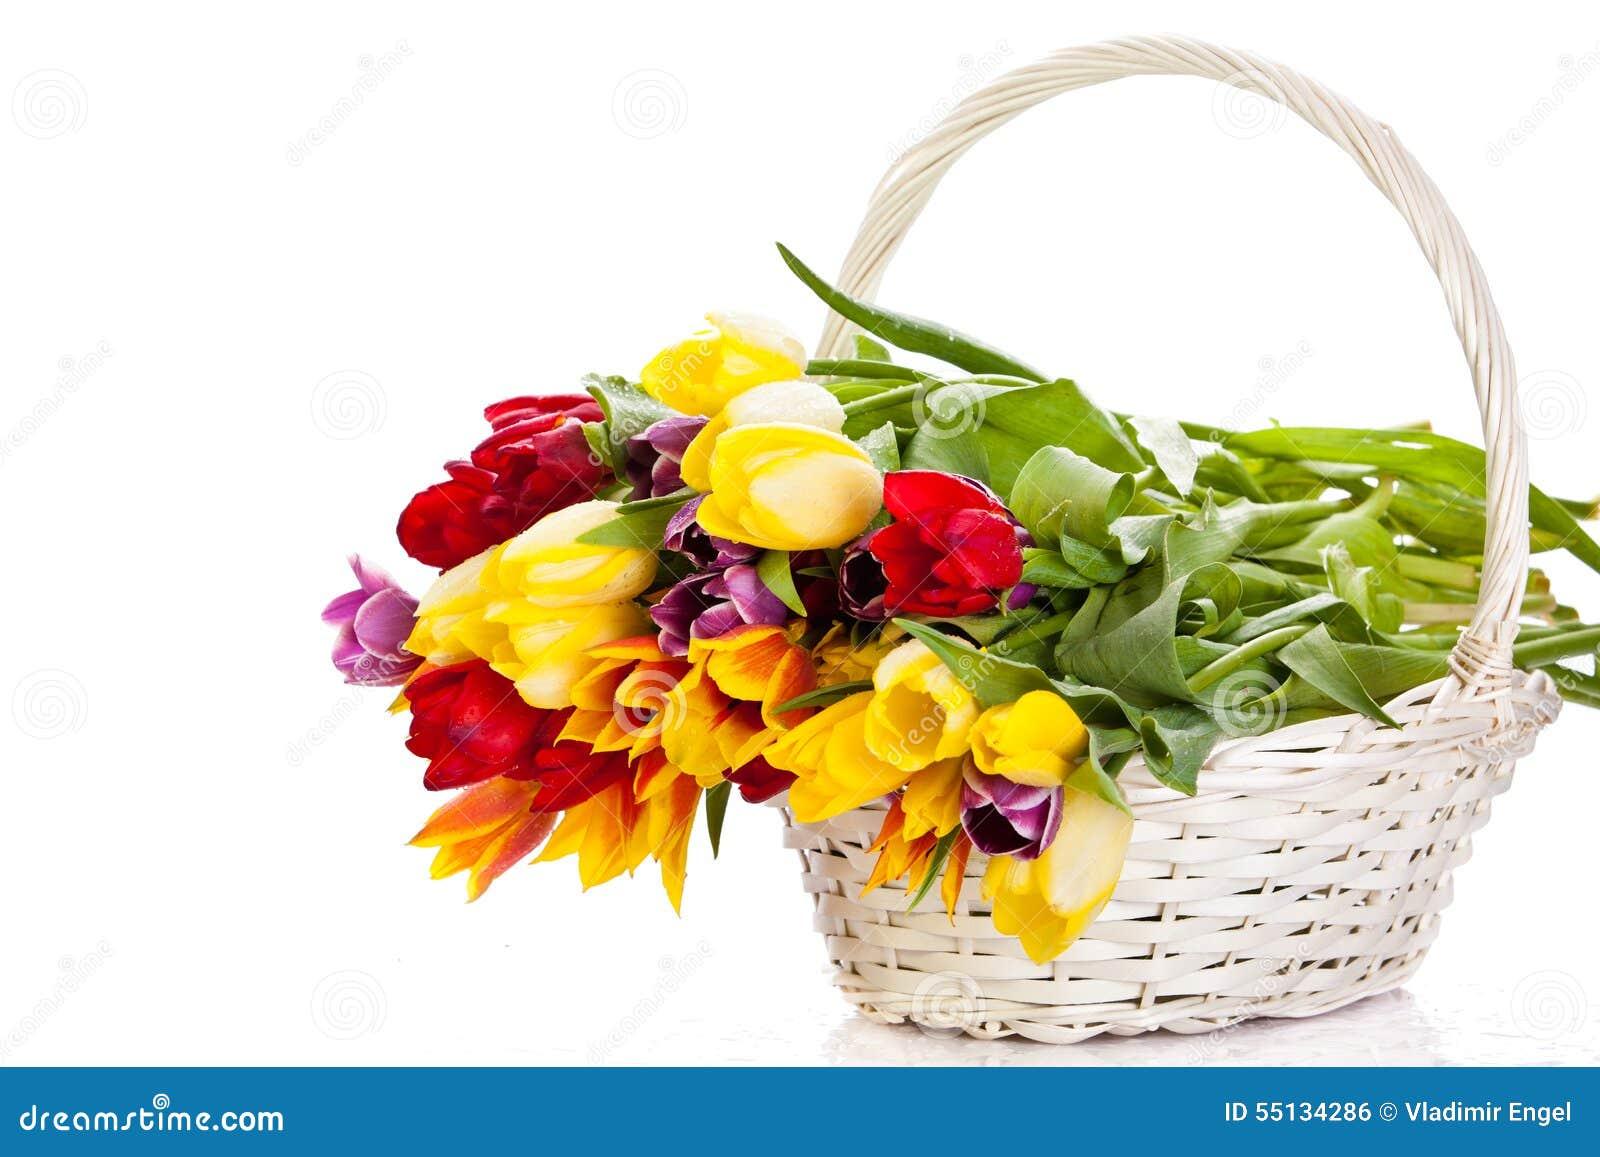 Ungewöhnlich Bilder Von Frühlingsblumen Zu Färben Fotos ...